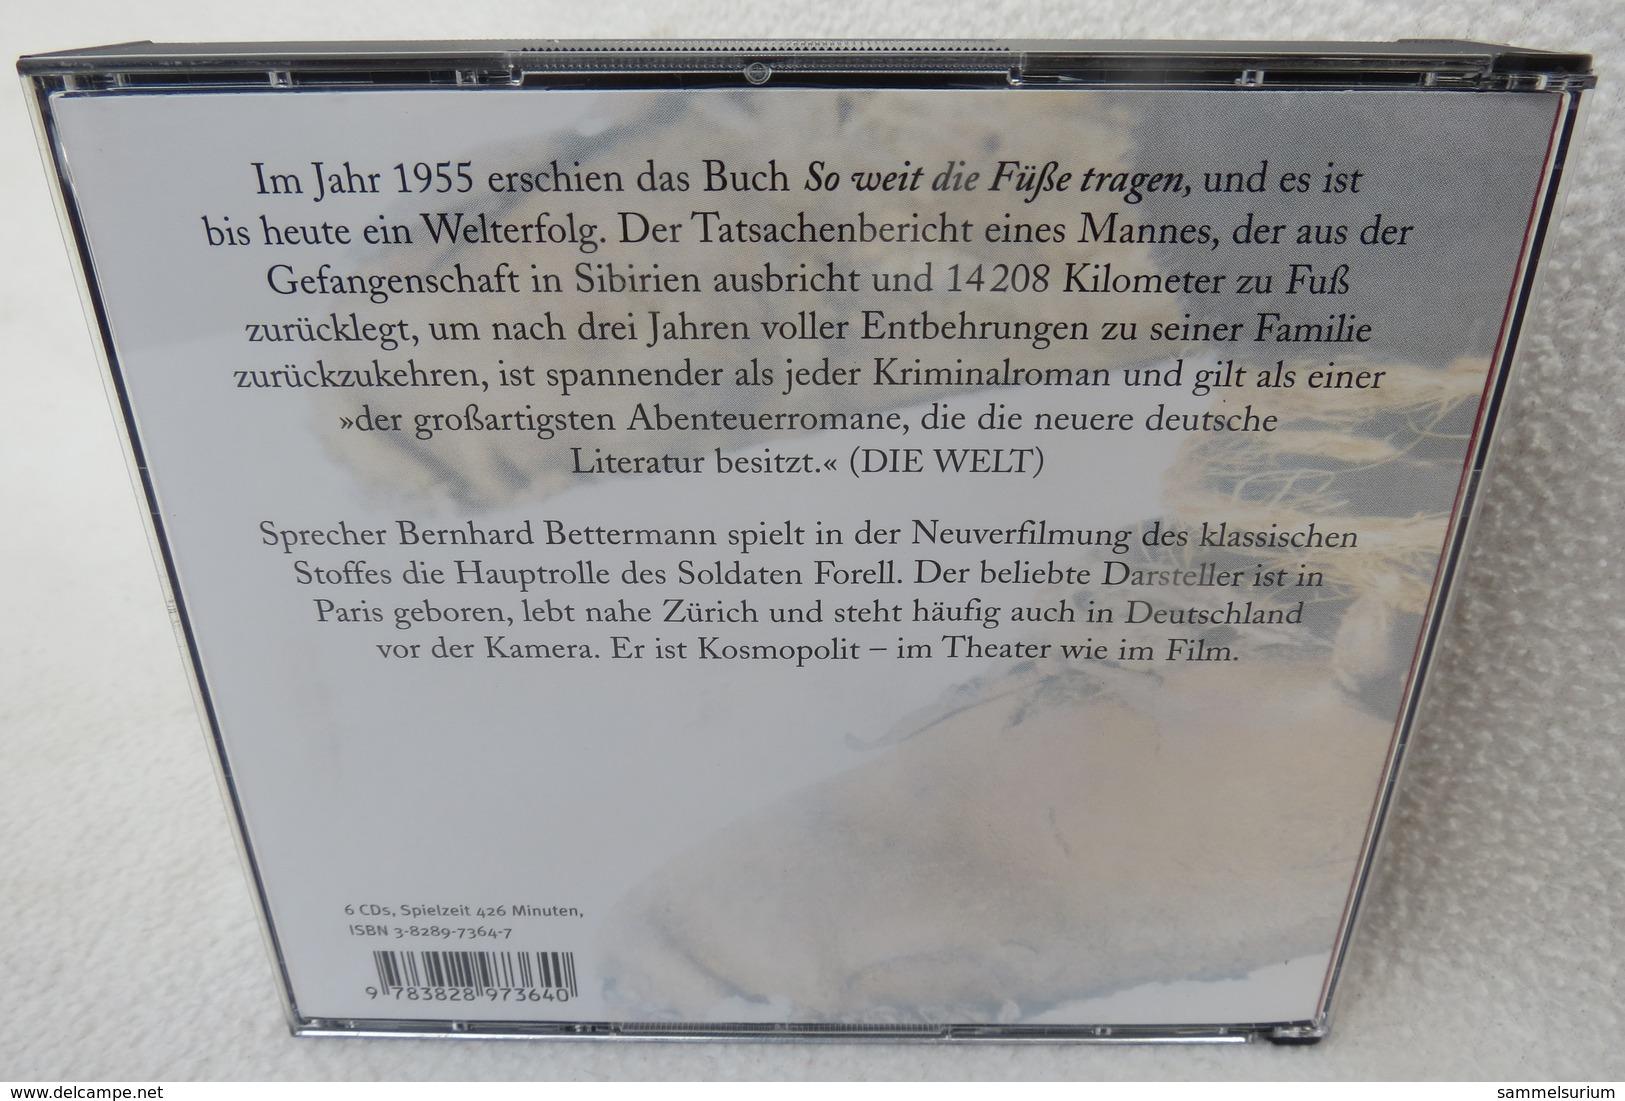 """6 CDs """"Soweit Die Füße Tragen"""" Hörbuch, 426 Minuten Spielzeit - Musik & Instrumente"""